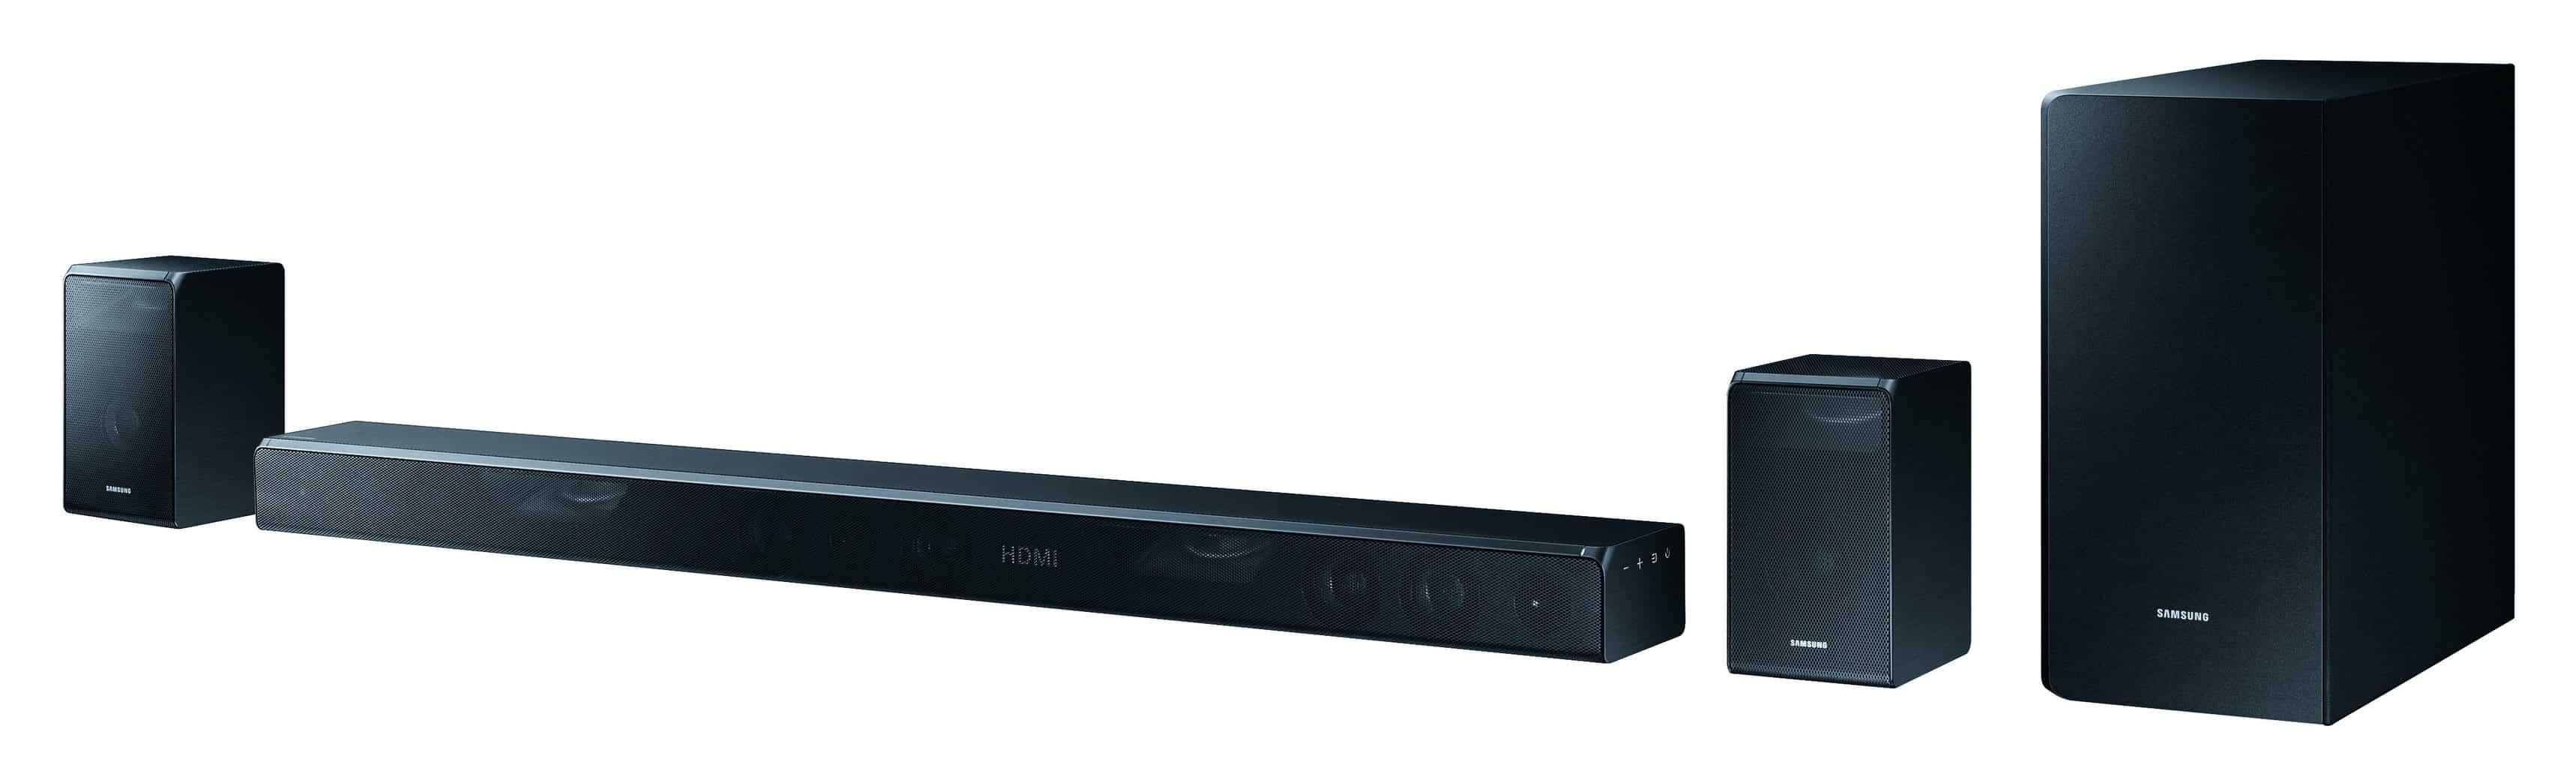 samsung hw k950 soundbar heimkinopartner. Black Bedroom Furniture Sets. Home Design Ideas